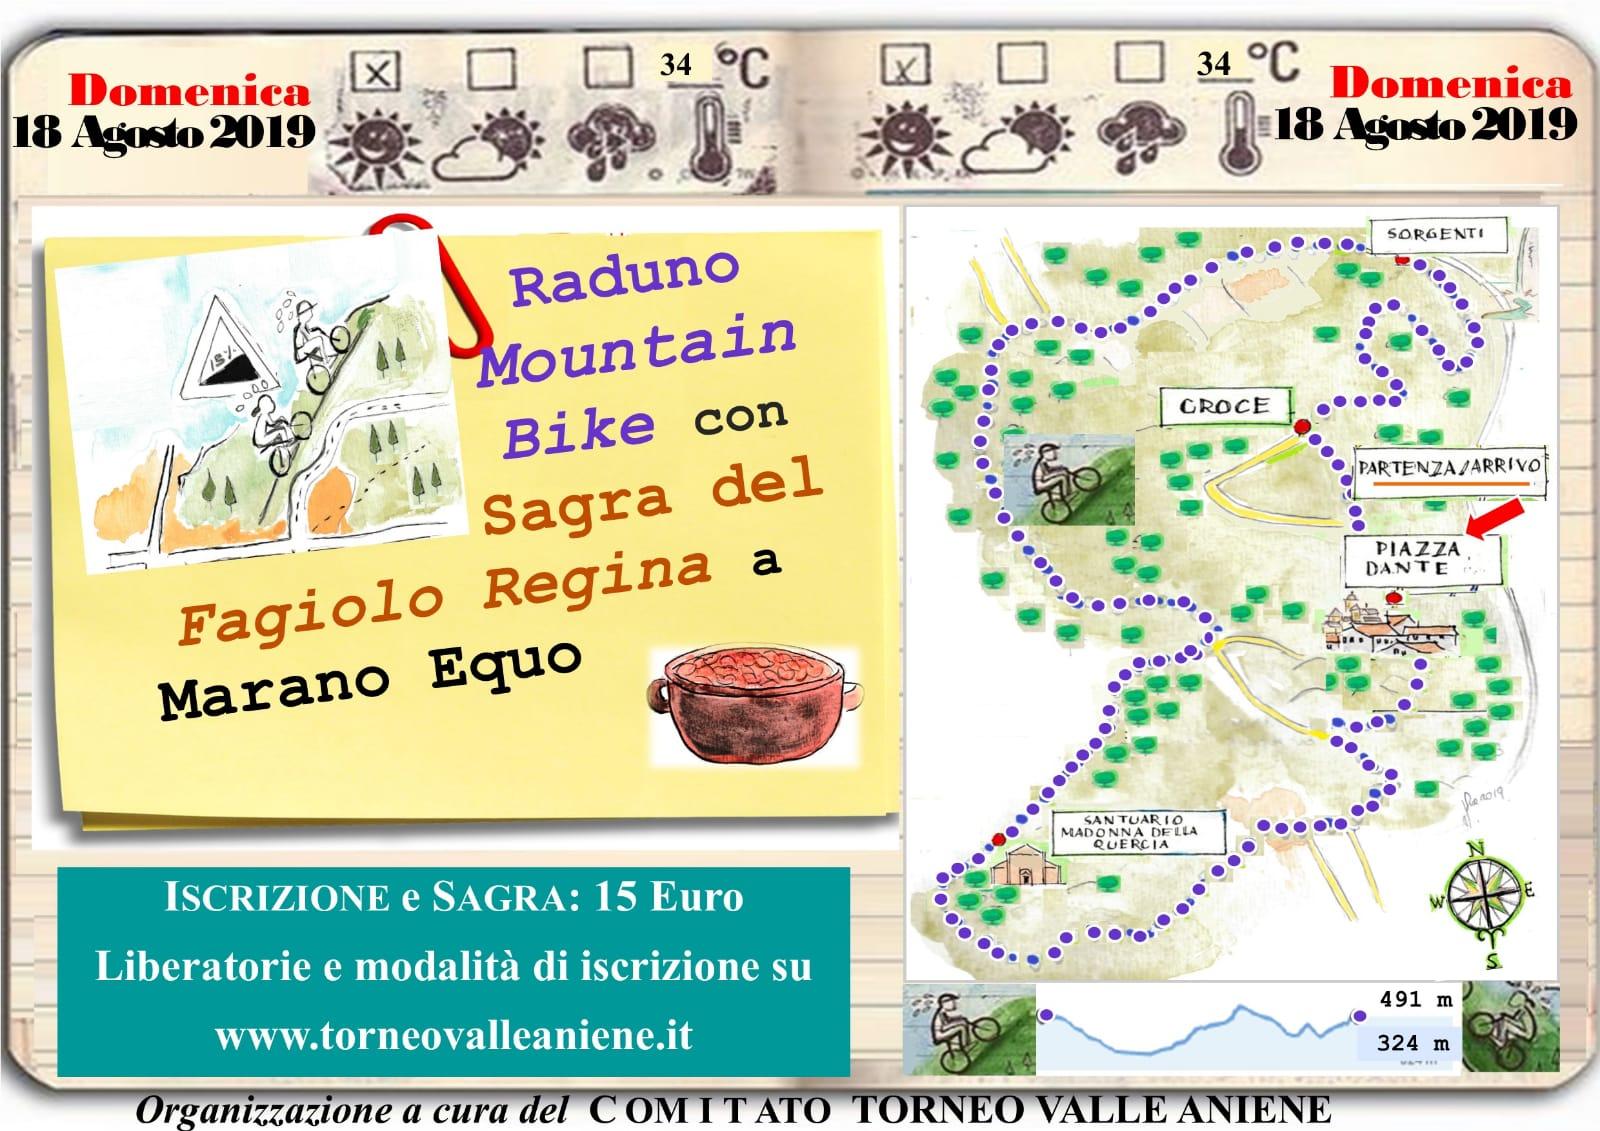 Domenica 18 Agosto Raduno Mountain Bike e Sagra del Fagiolo Regina a Marano Equo